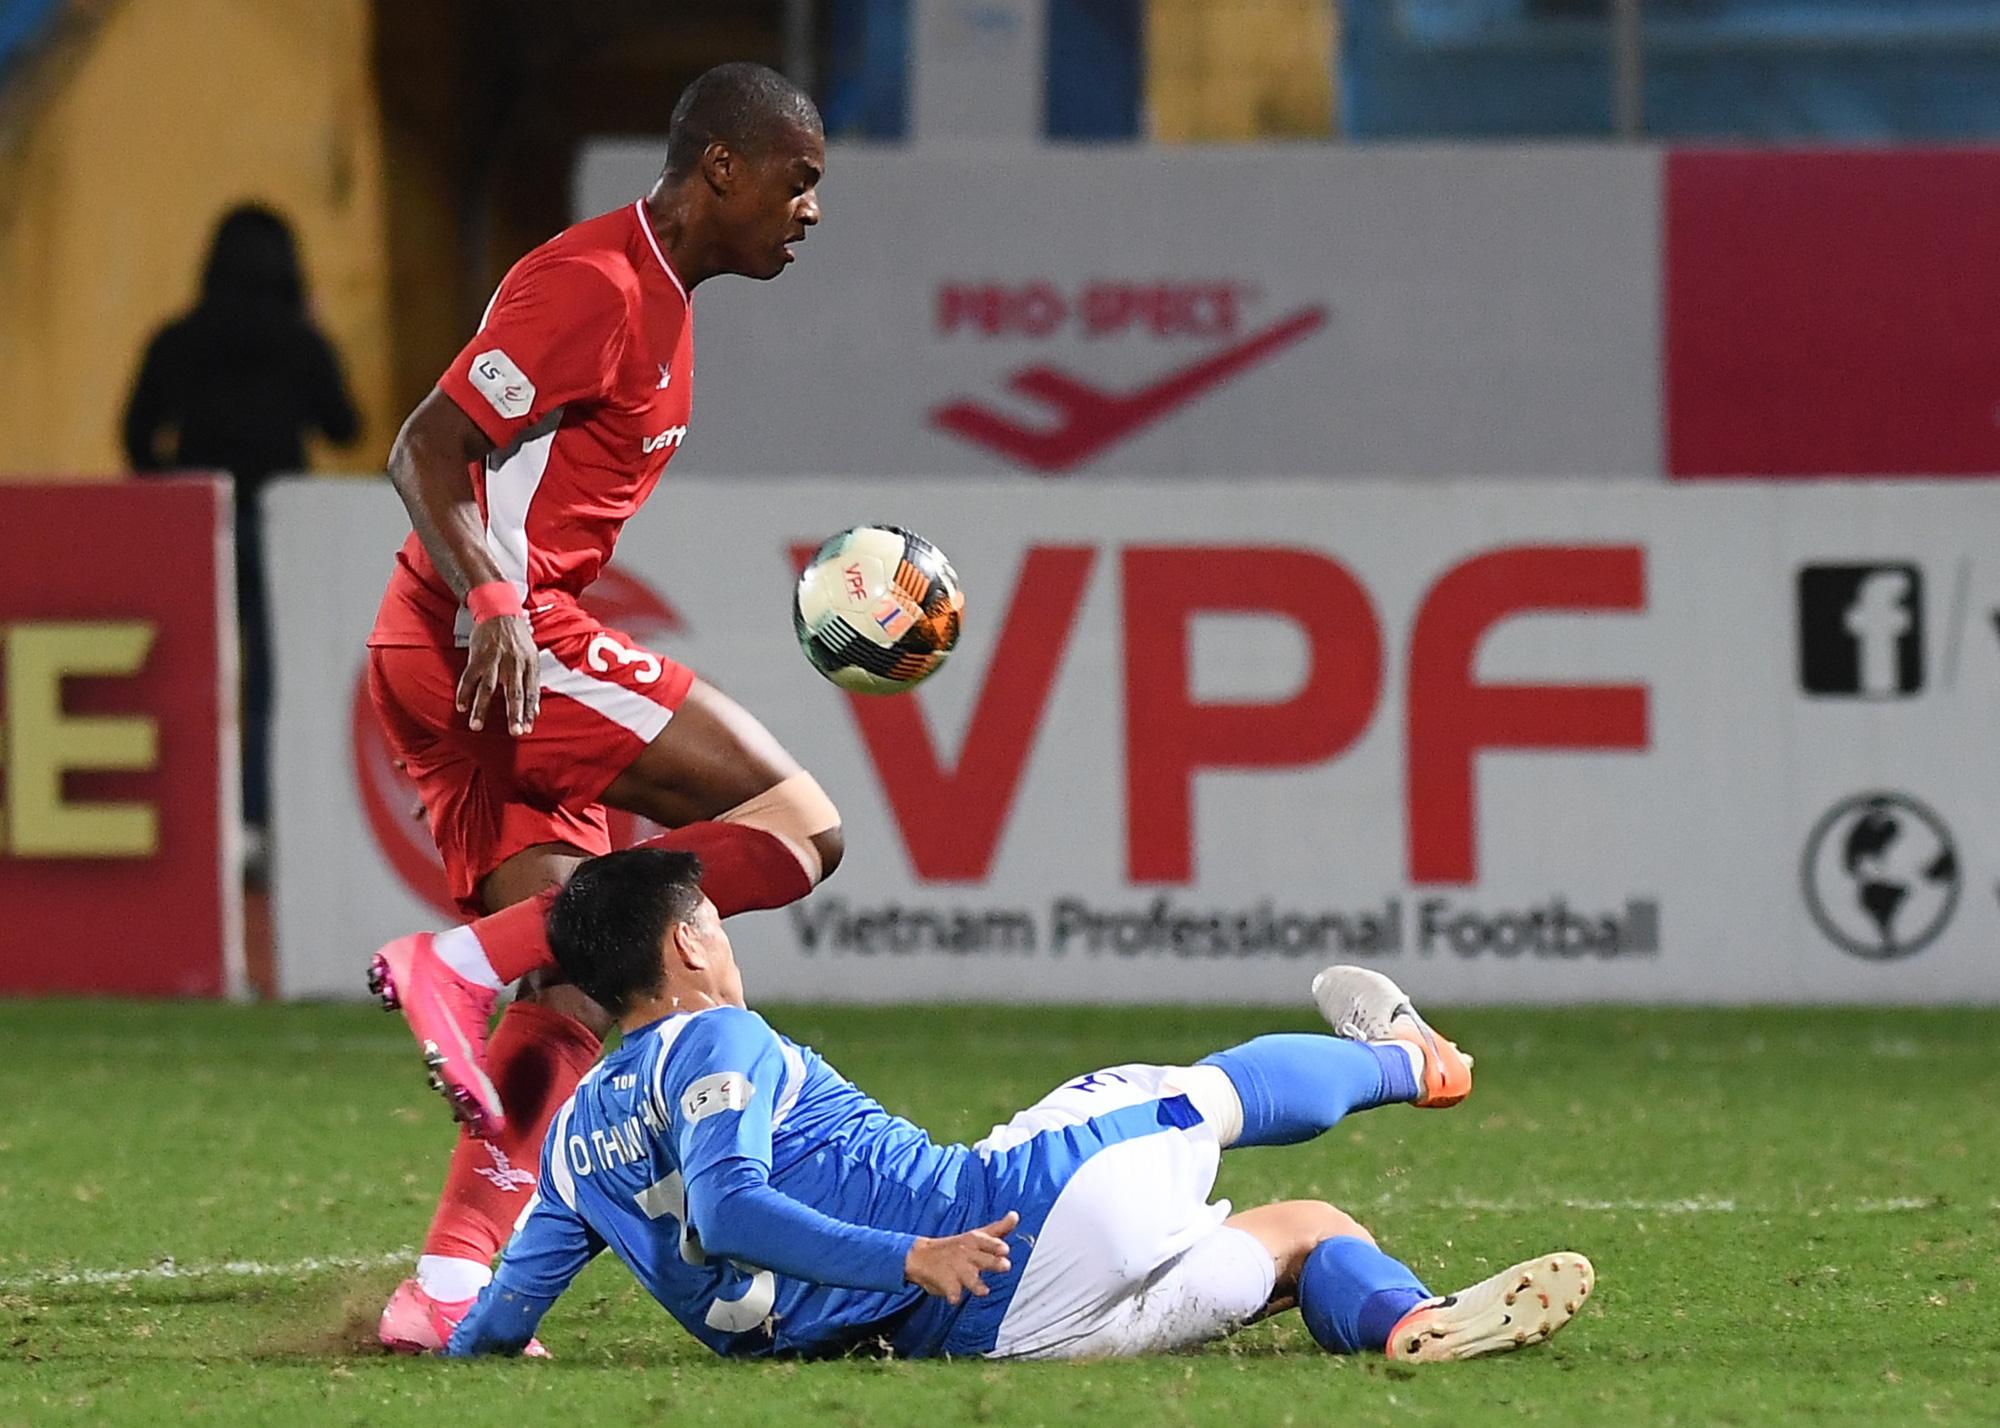 Cầu thủ điển trai được đề cử cho HLV Park Hang-seo khiến tất cả giật mình vì nằm ôm bụng dưới và cái kết thở phào - Ảnh 3.